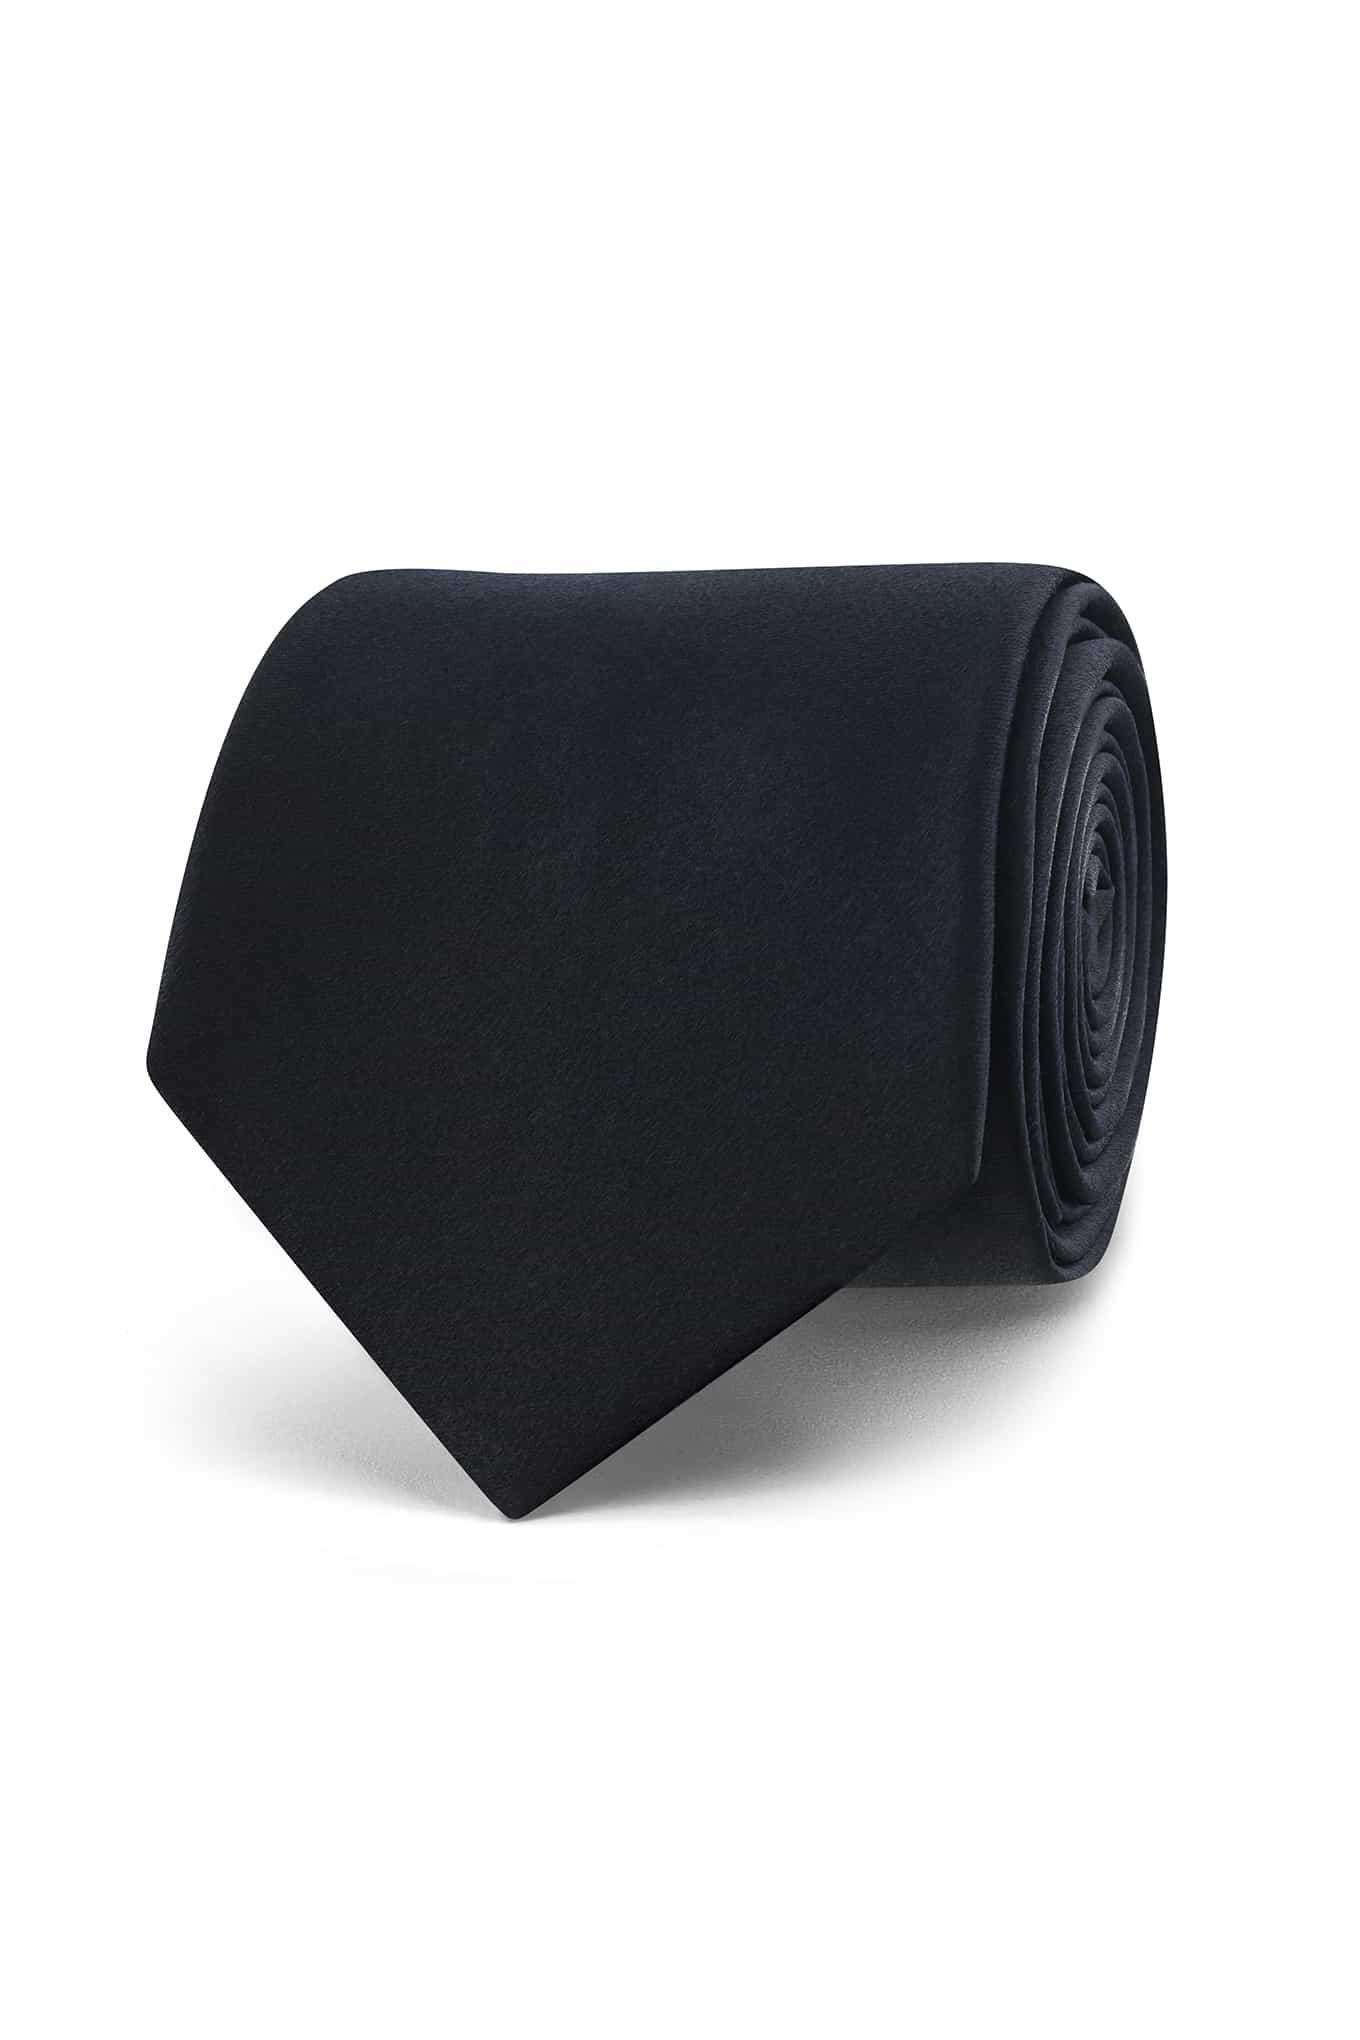 Tie Black Classic Man